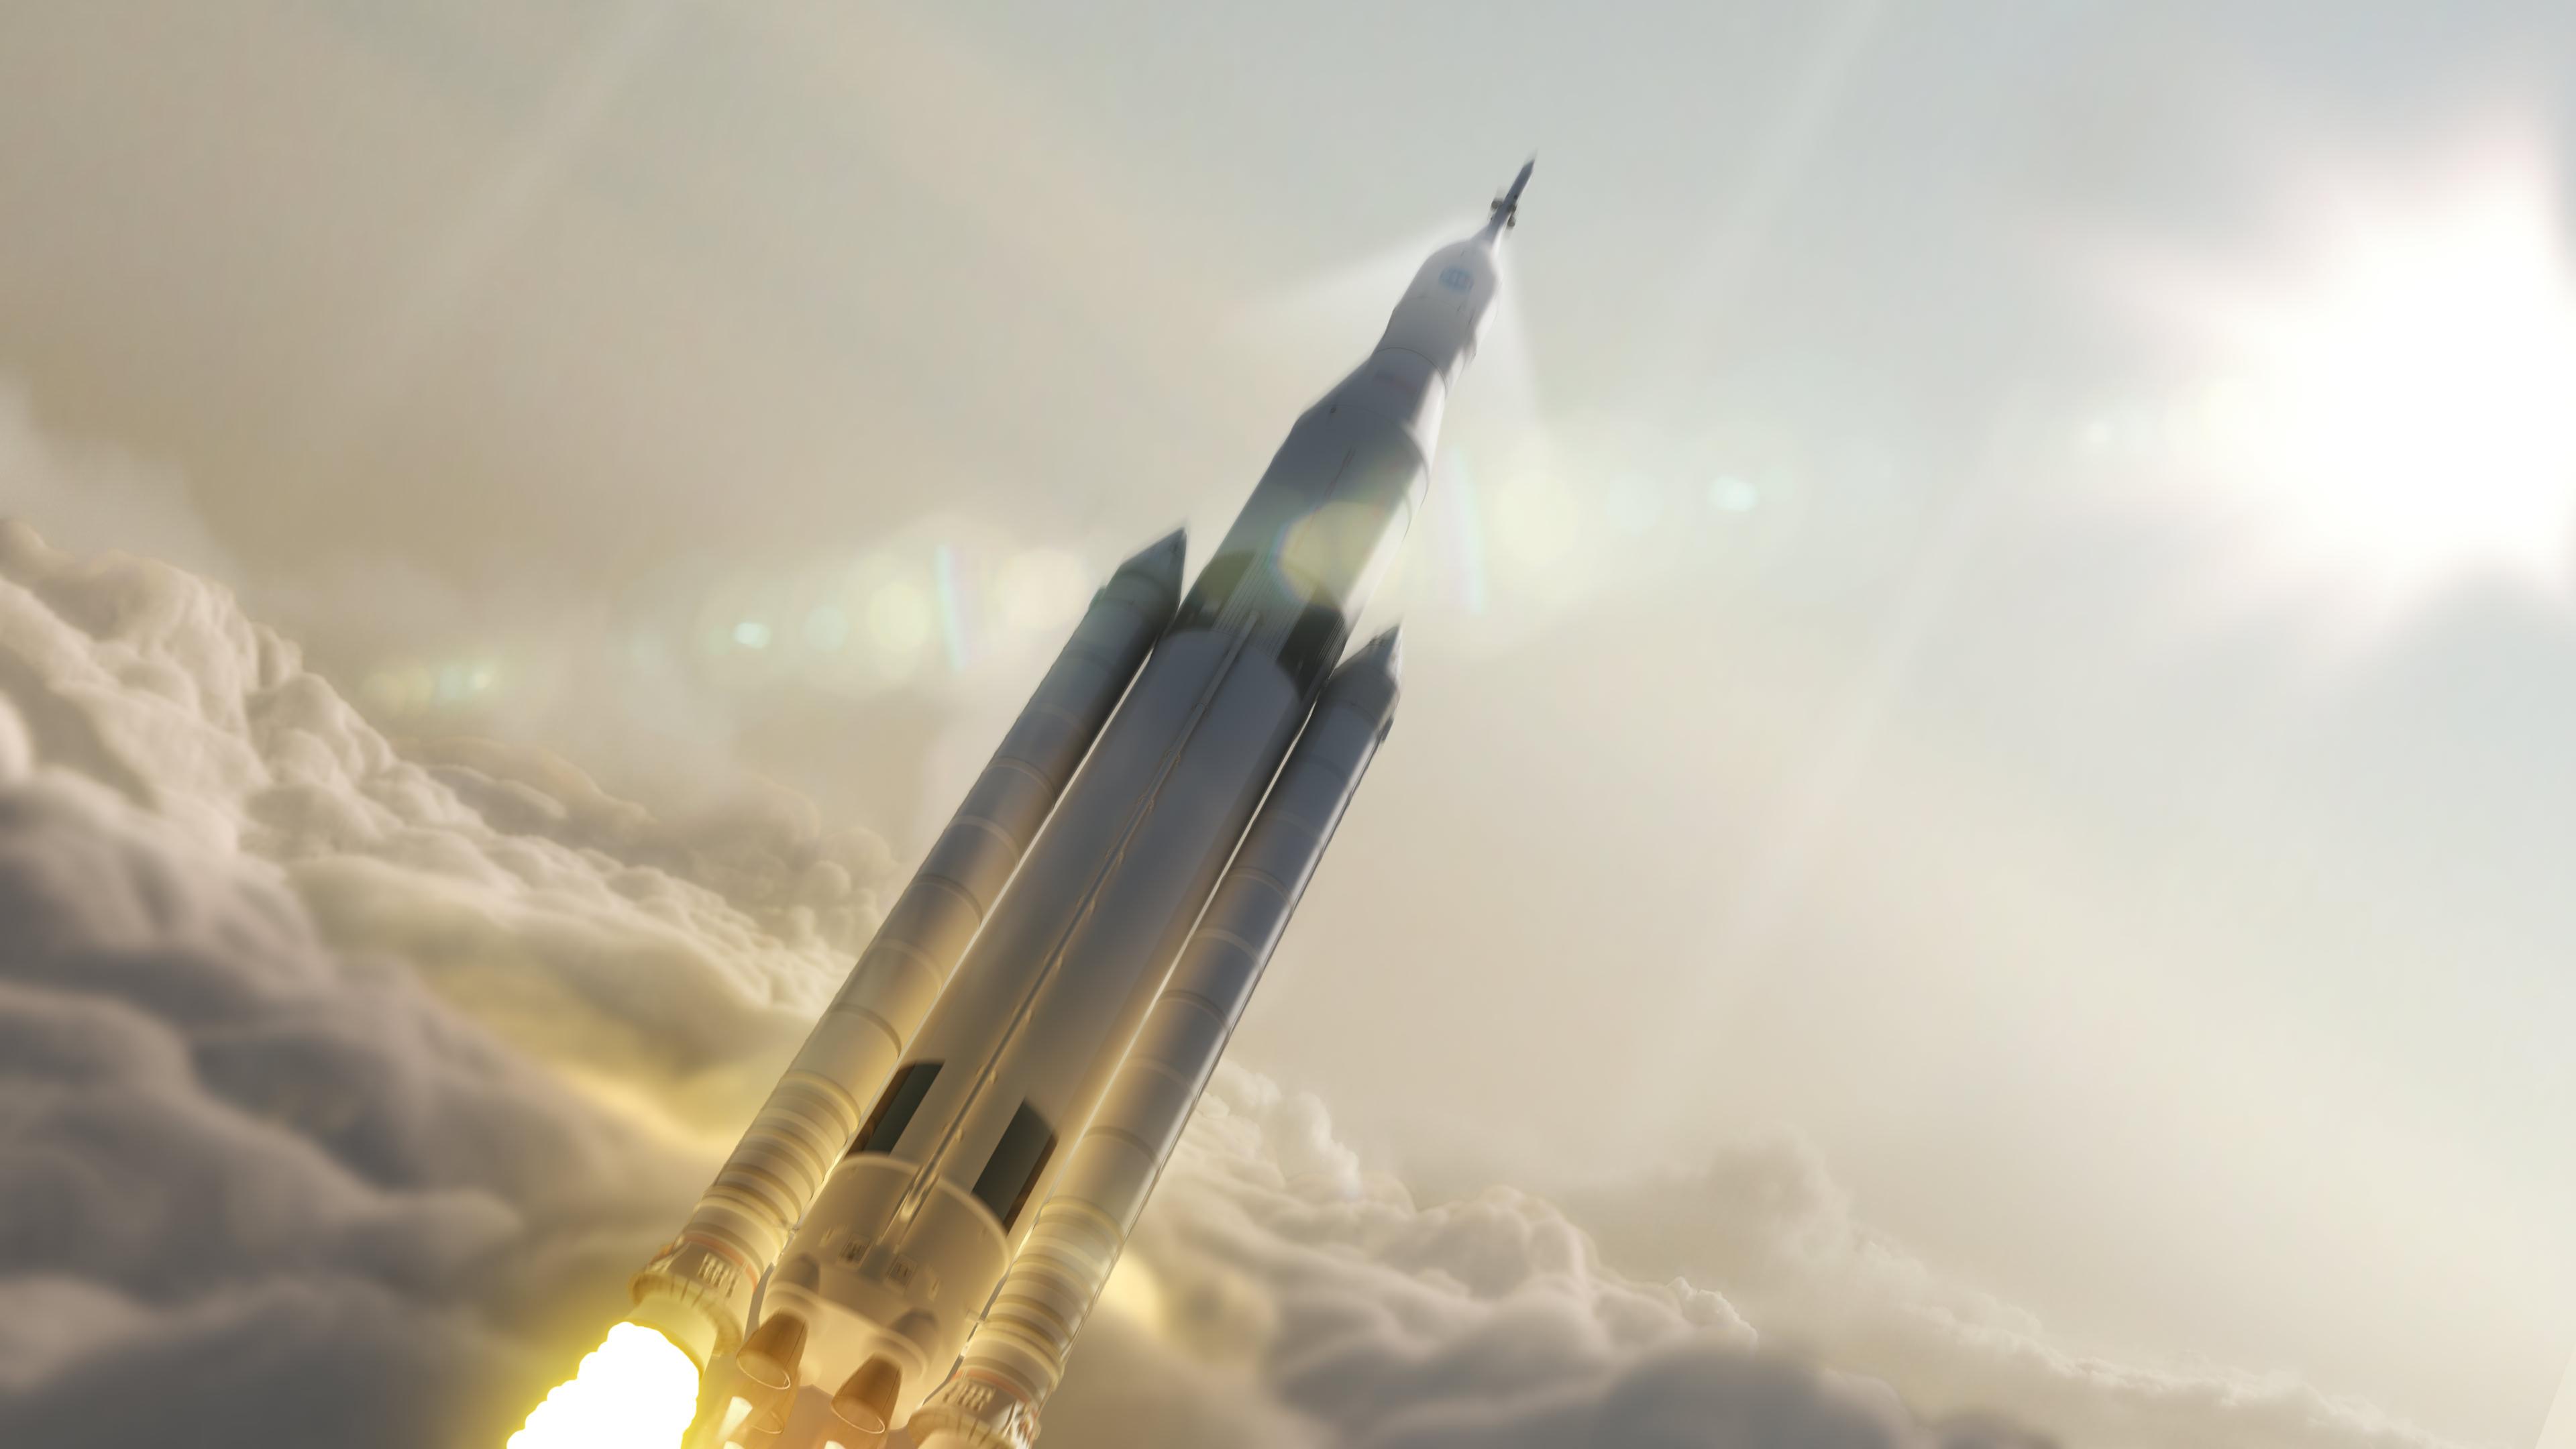 largest nasa rocket s - photo #7